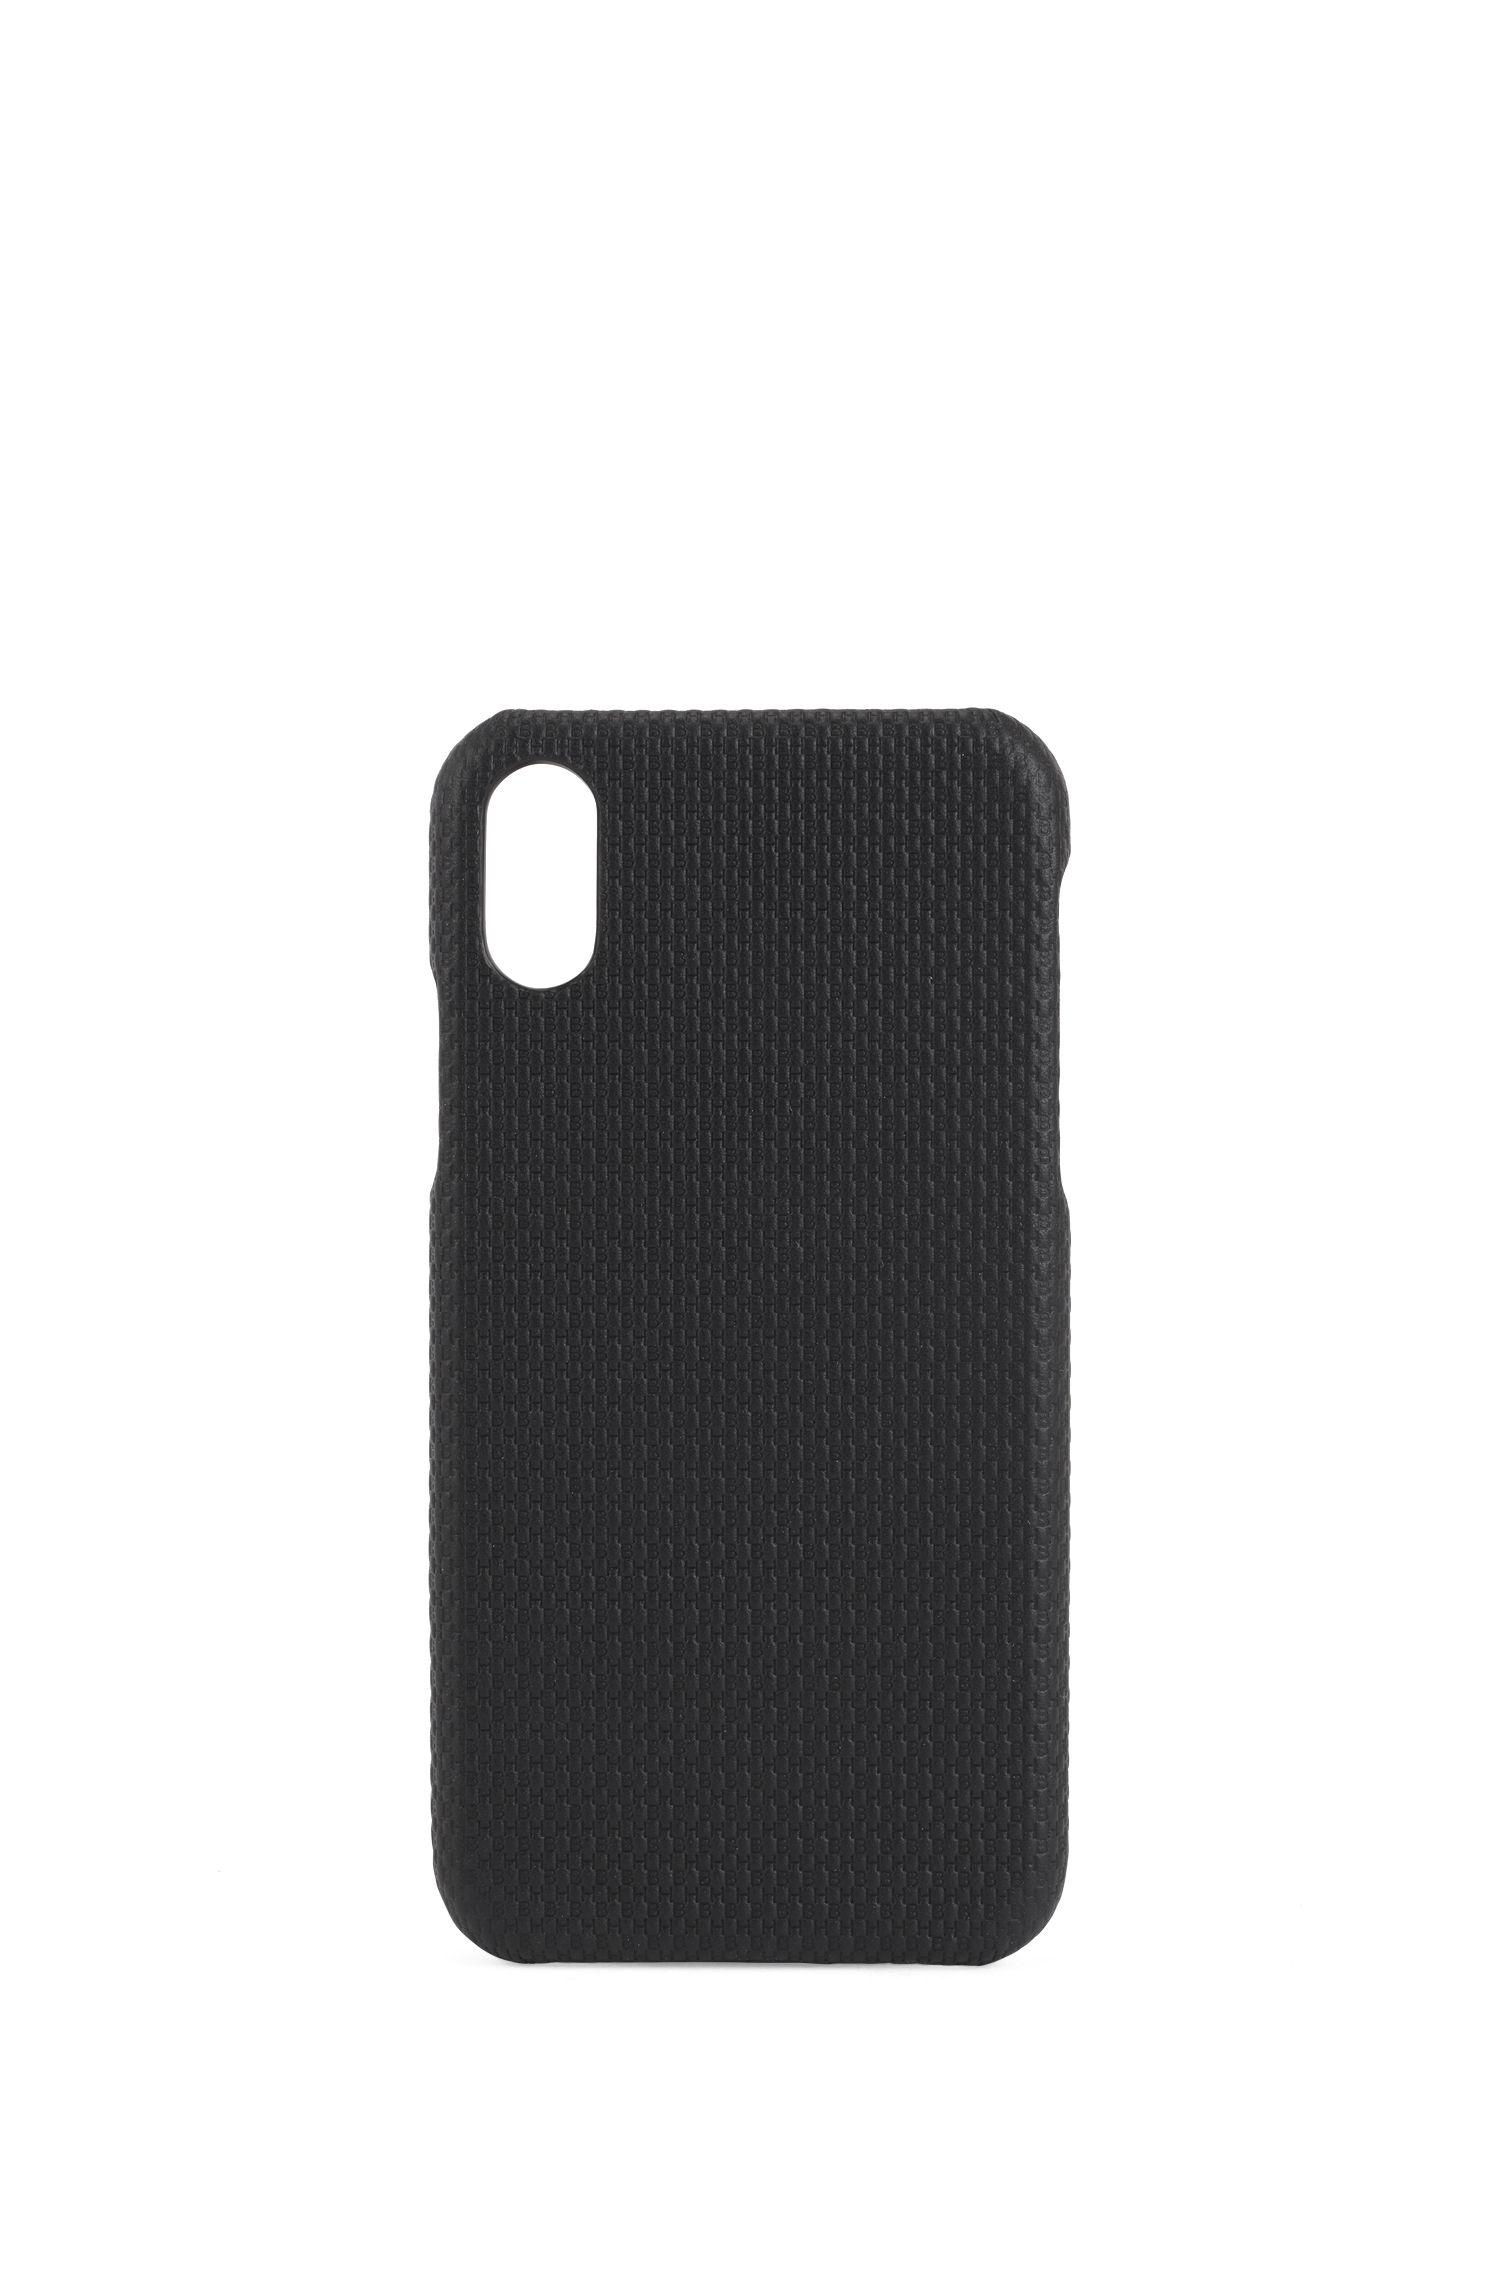 Smartphone-Hülle aus Leder mit Monogramm für das iPhoneX, Schwarz